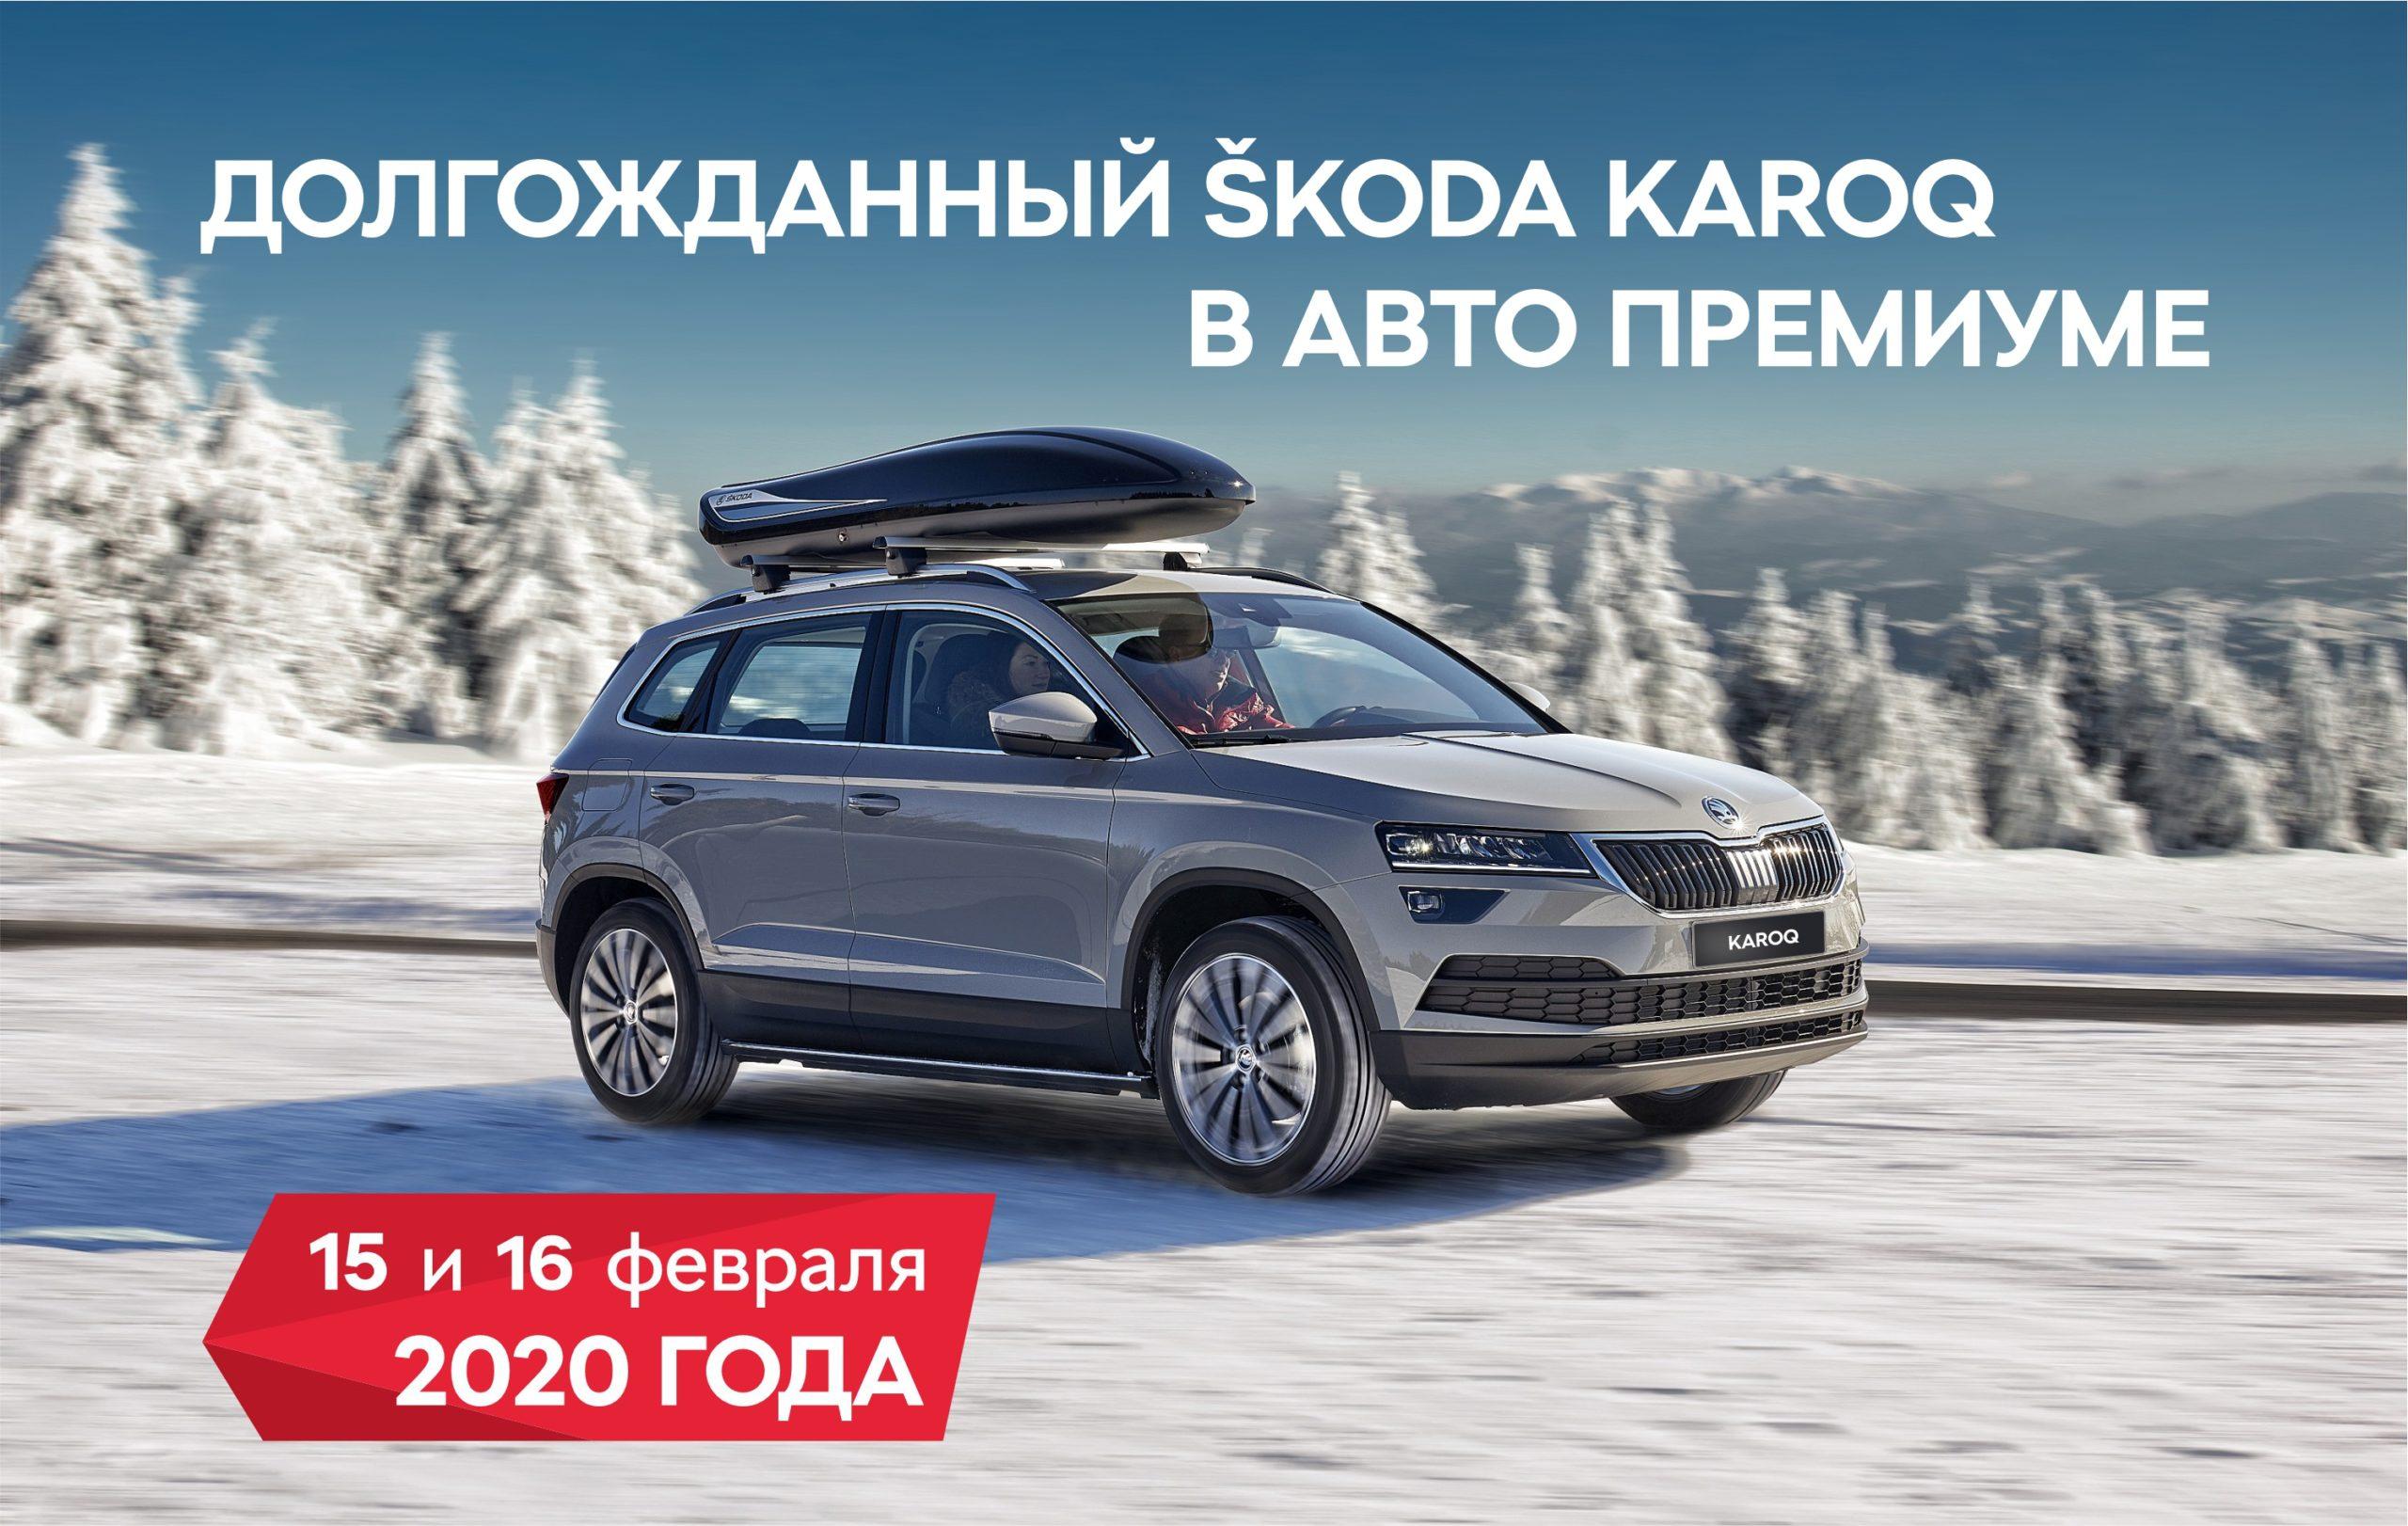 ŠKODA KAROQ начинает свой путь в Авто Премиуме